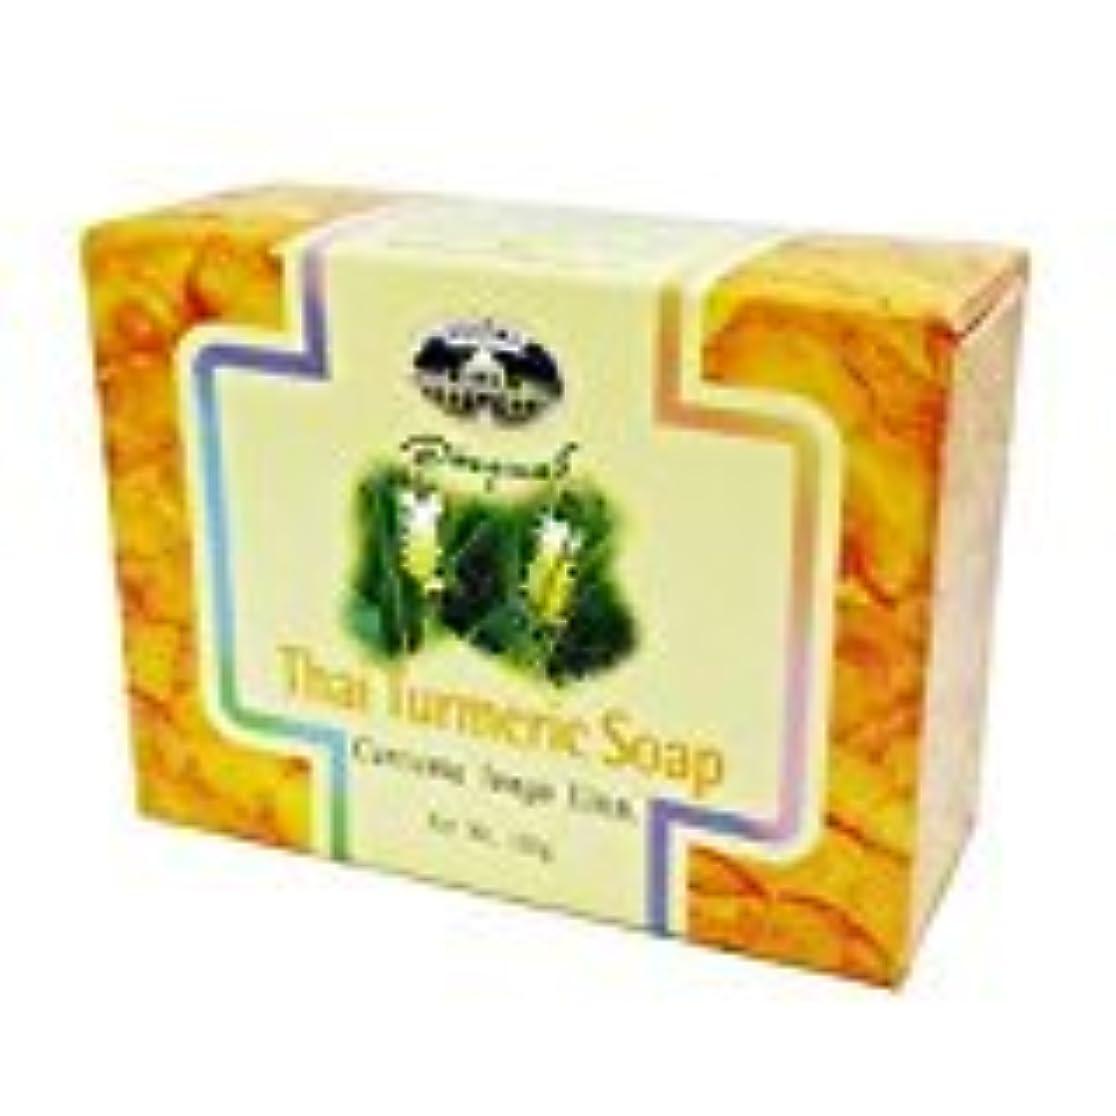 ミル触手口ひげウコン石けん abhaibhubejhr Turmeric soap 100g